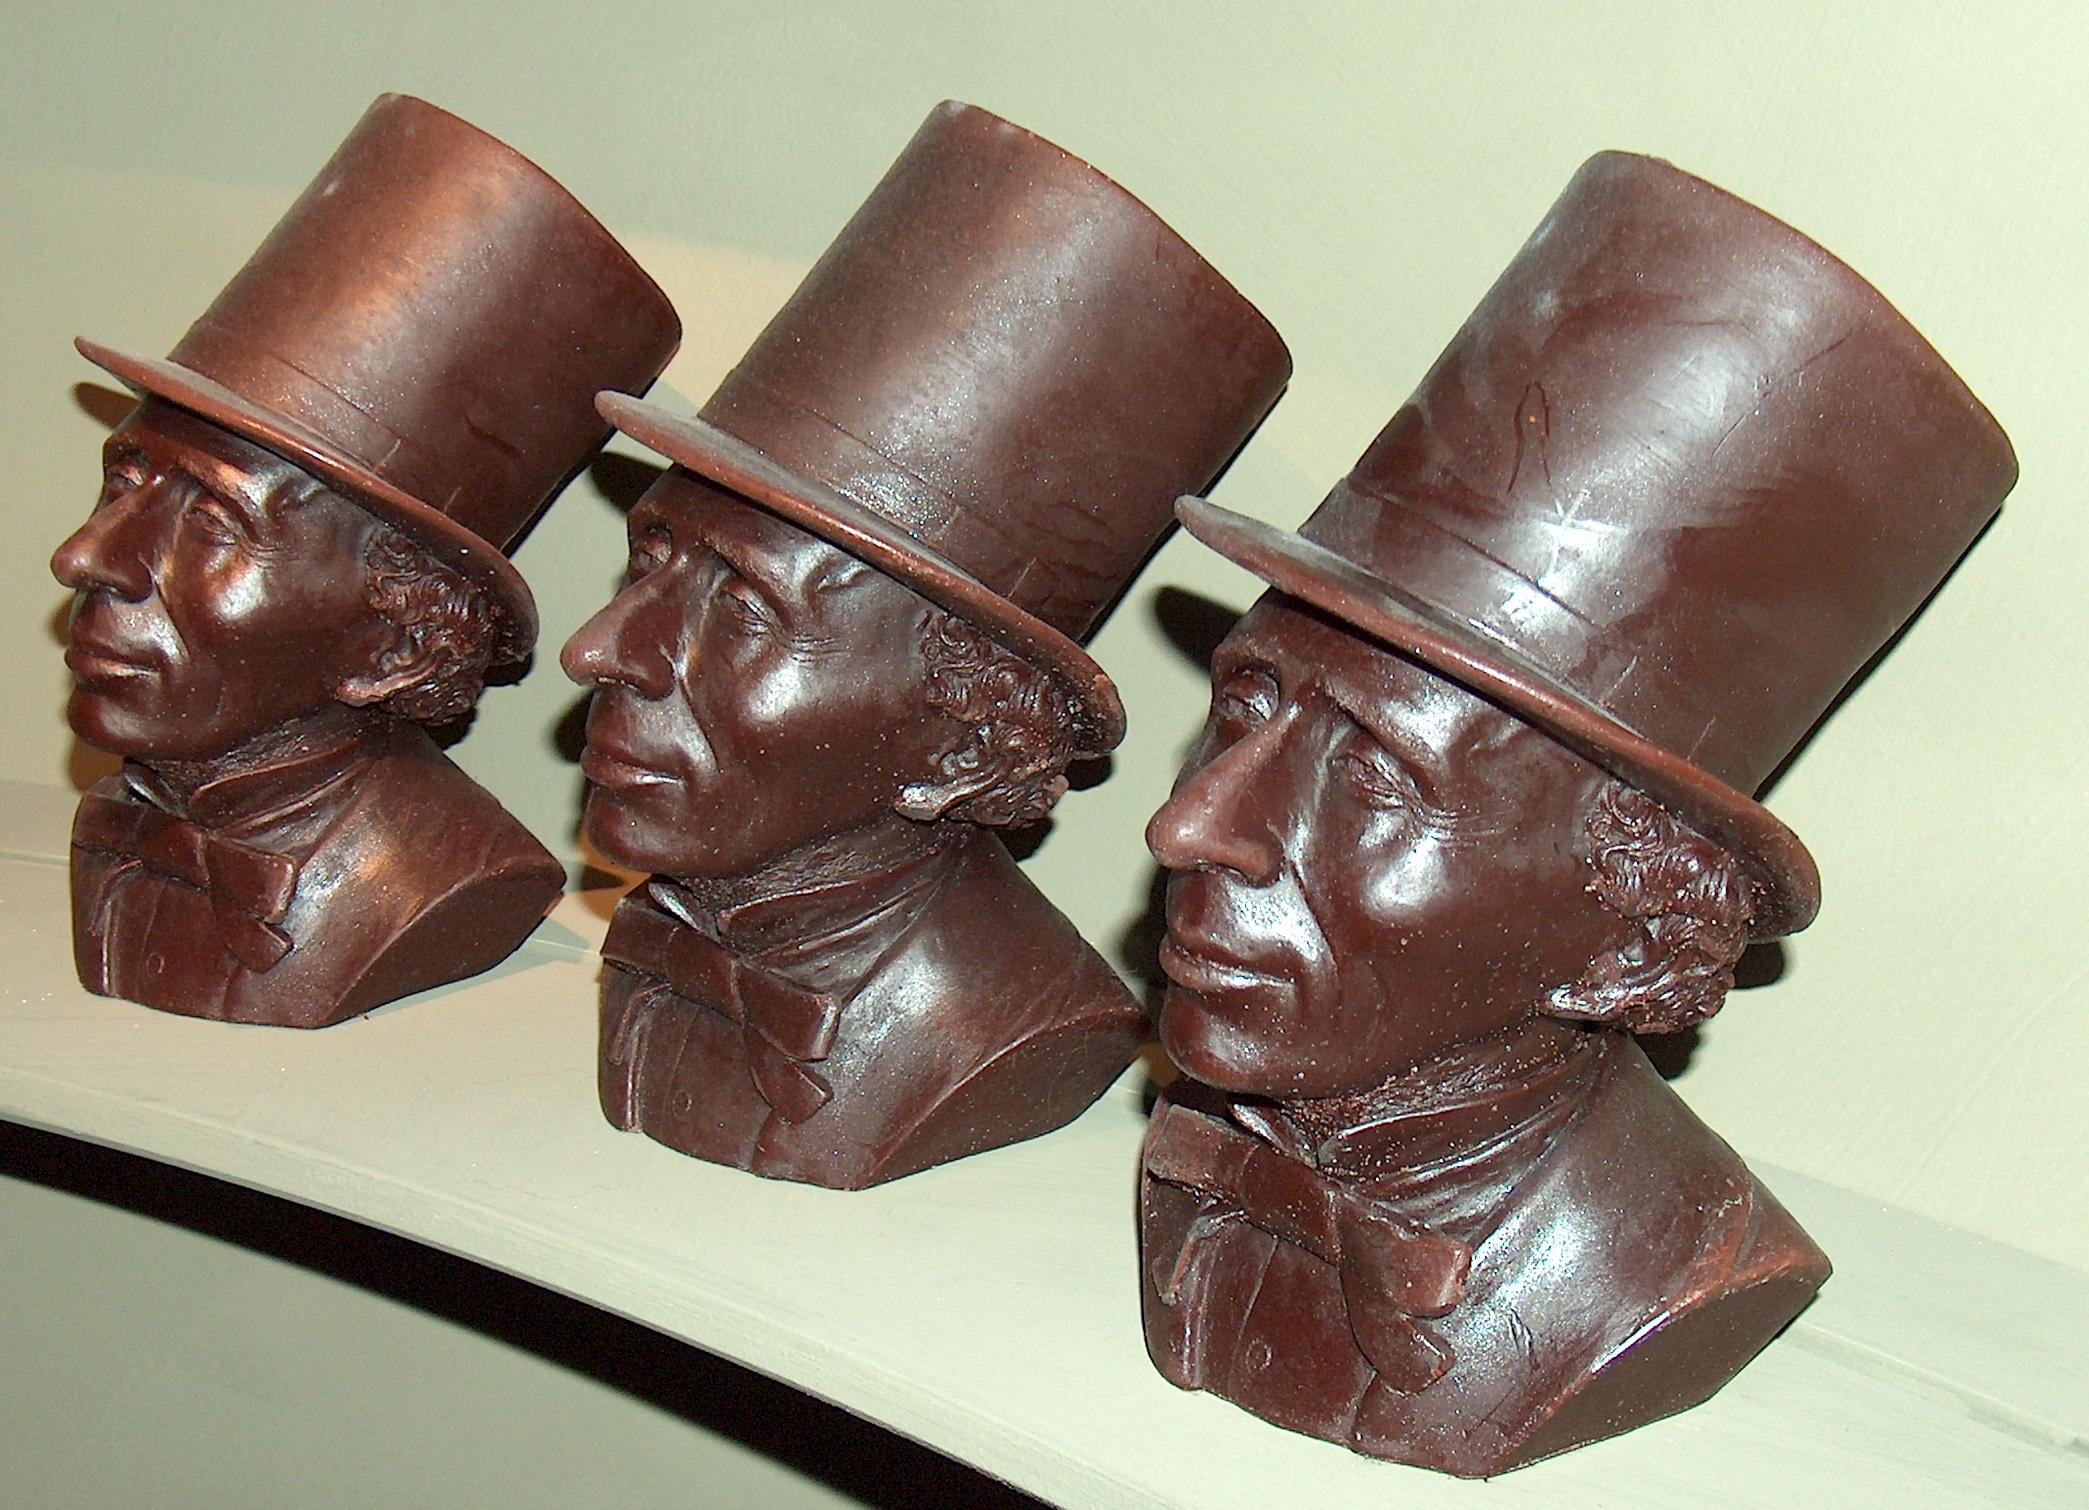 061111_kbh-chokoladeandersen